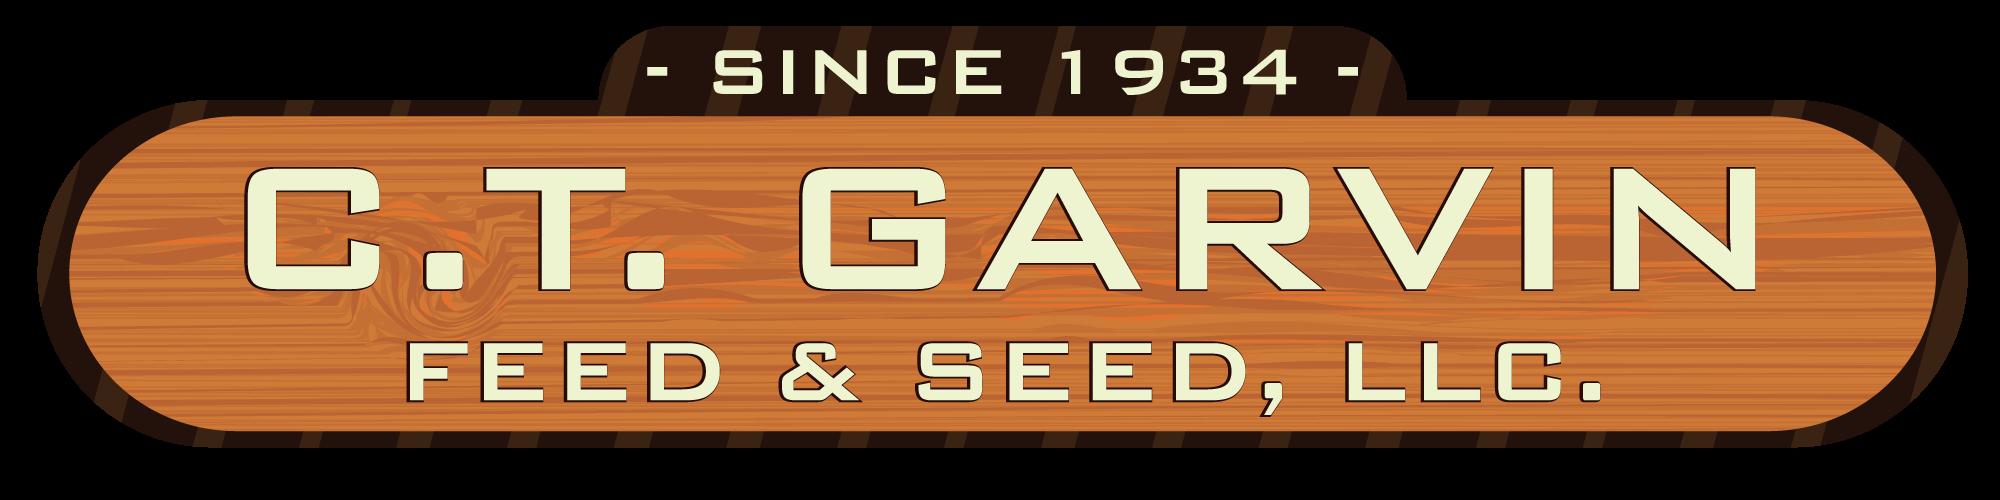 c t garvin feed seed llc